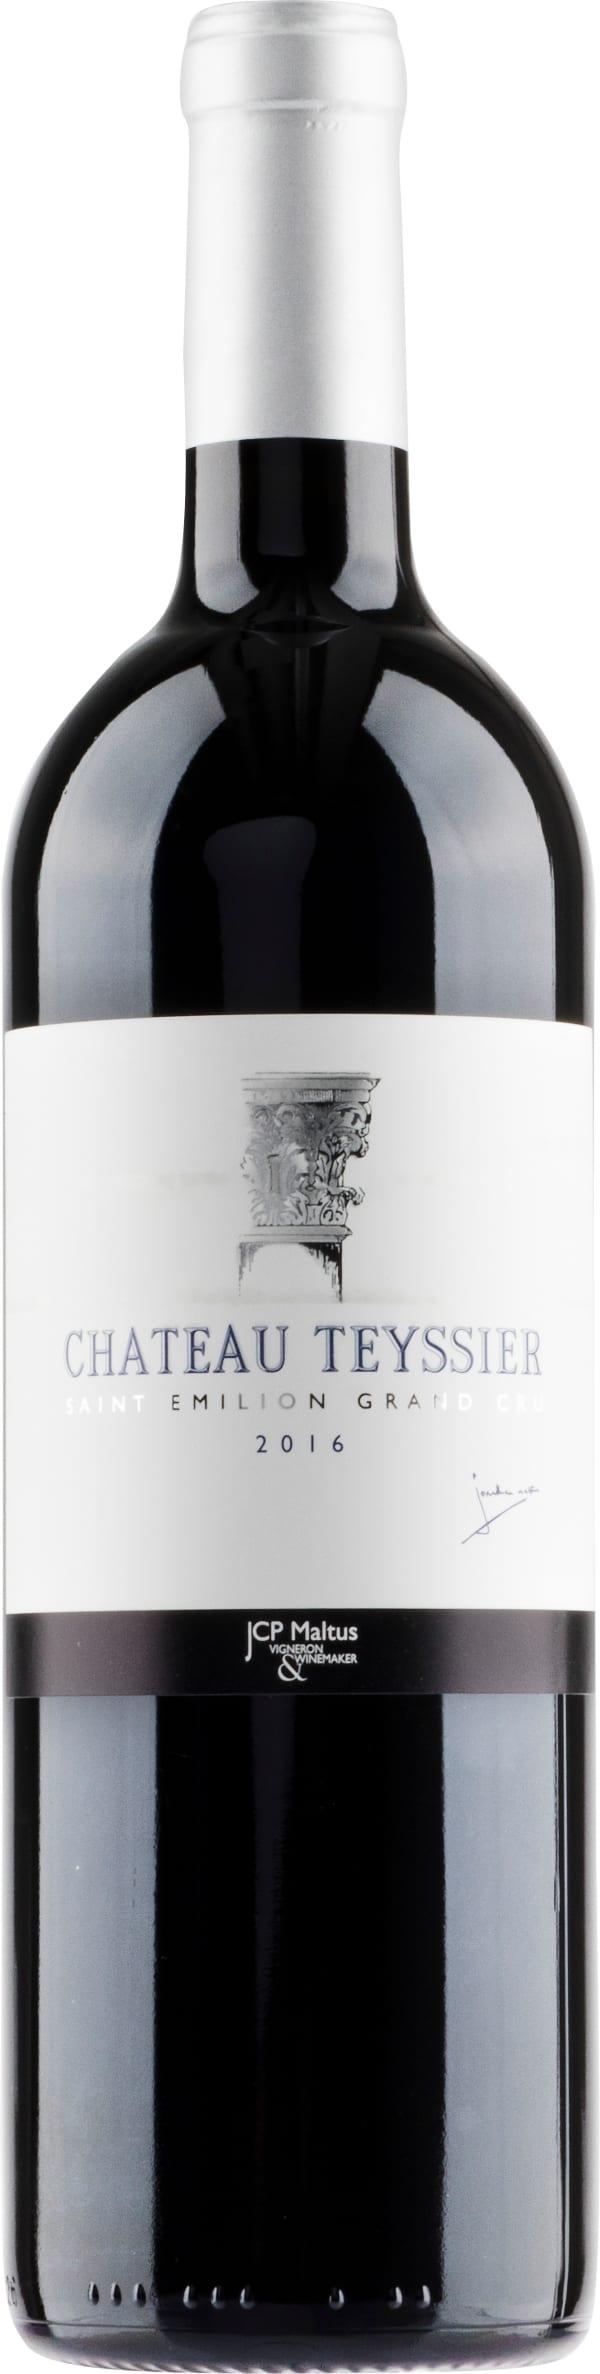 Château Teyssier 2016